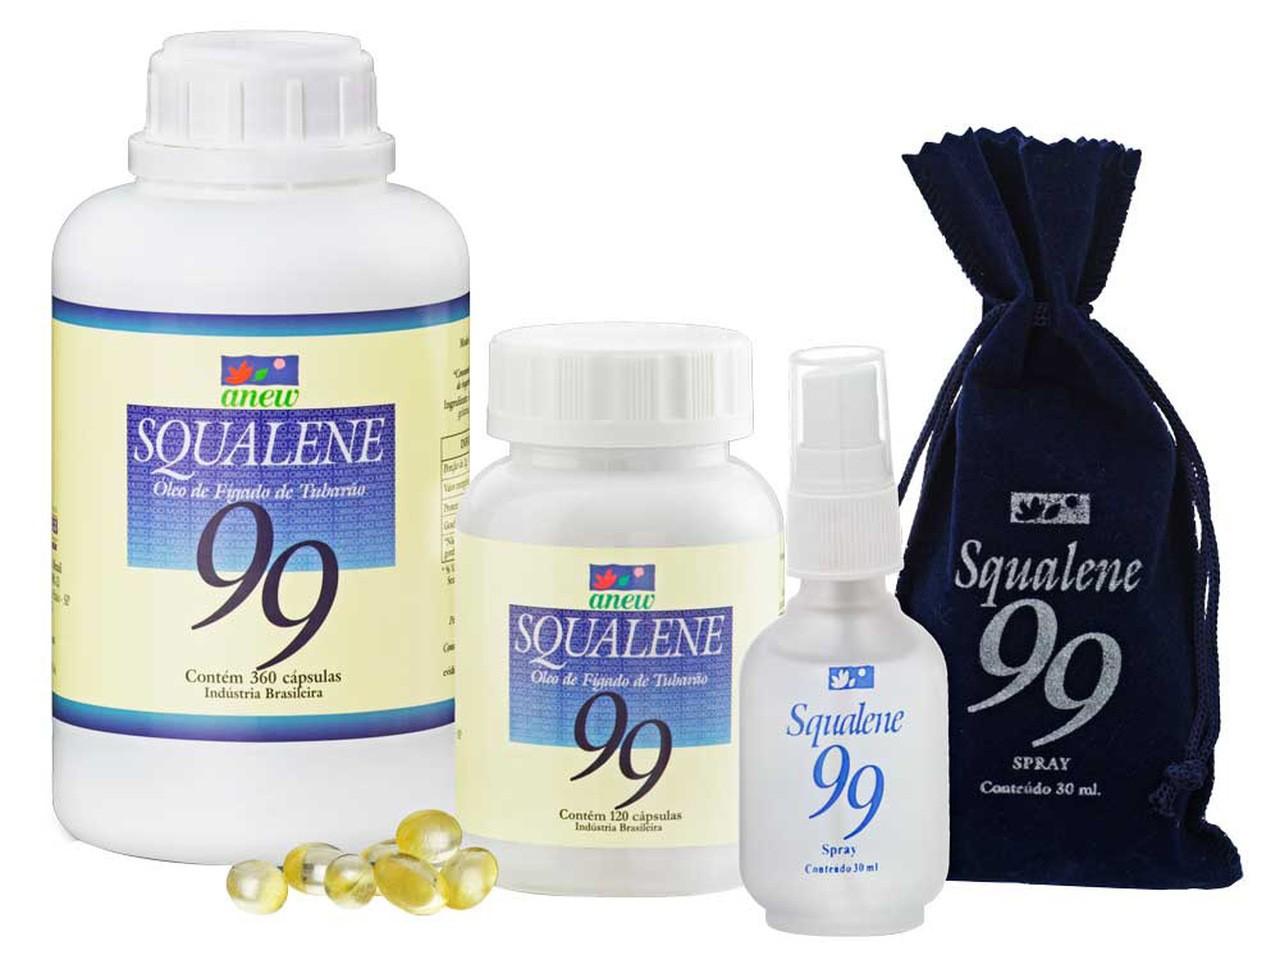 Squalene 99 + Floranew (4 Amostras Grátis)